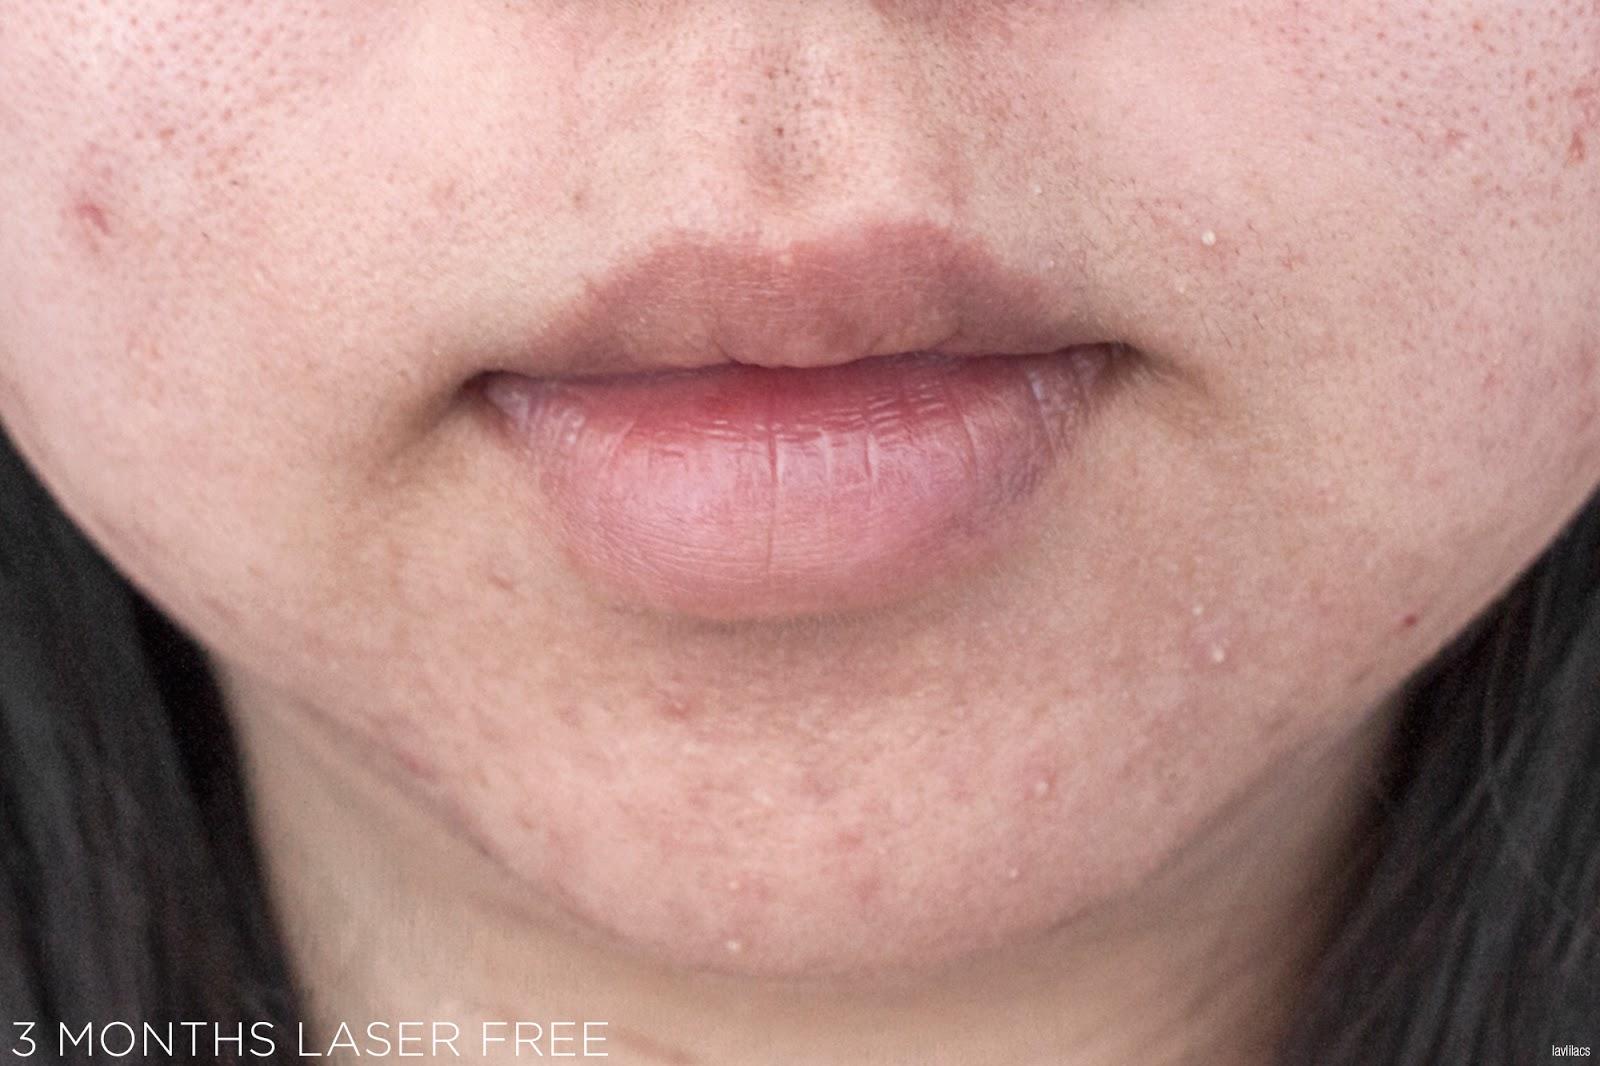 tria Hair Removal Laser Facial Hair 3 Months Laser Free Closeup